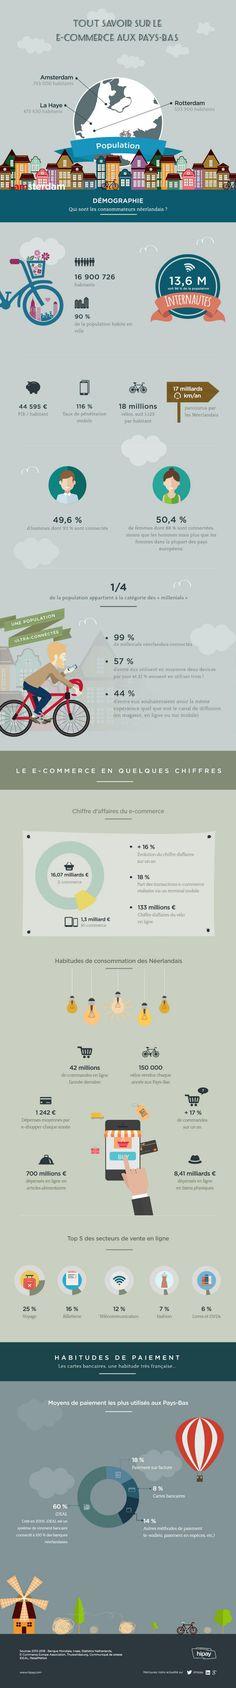 e-commerce Pays-Bas